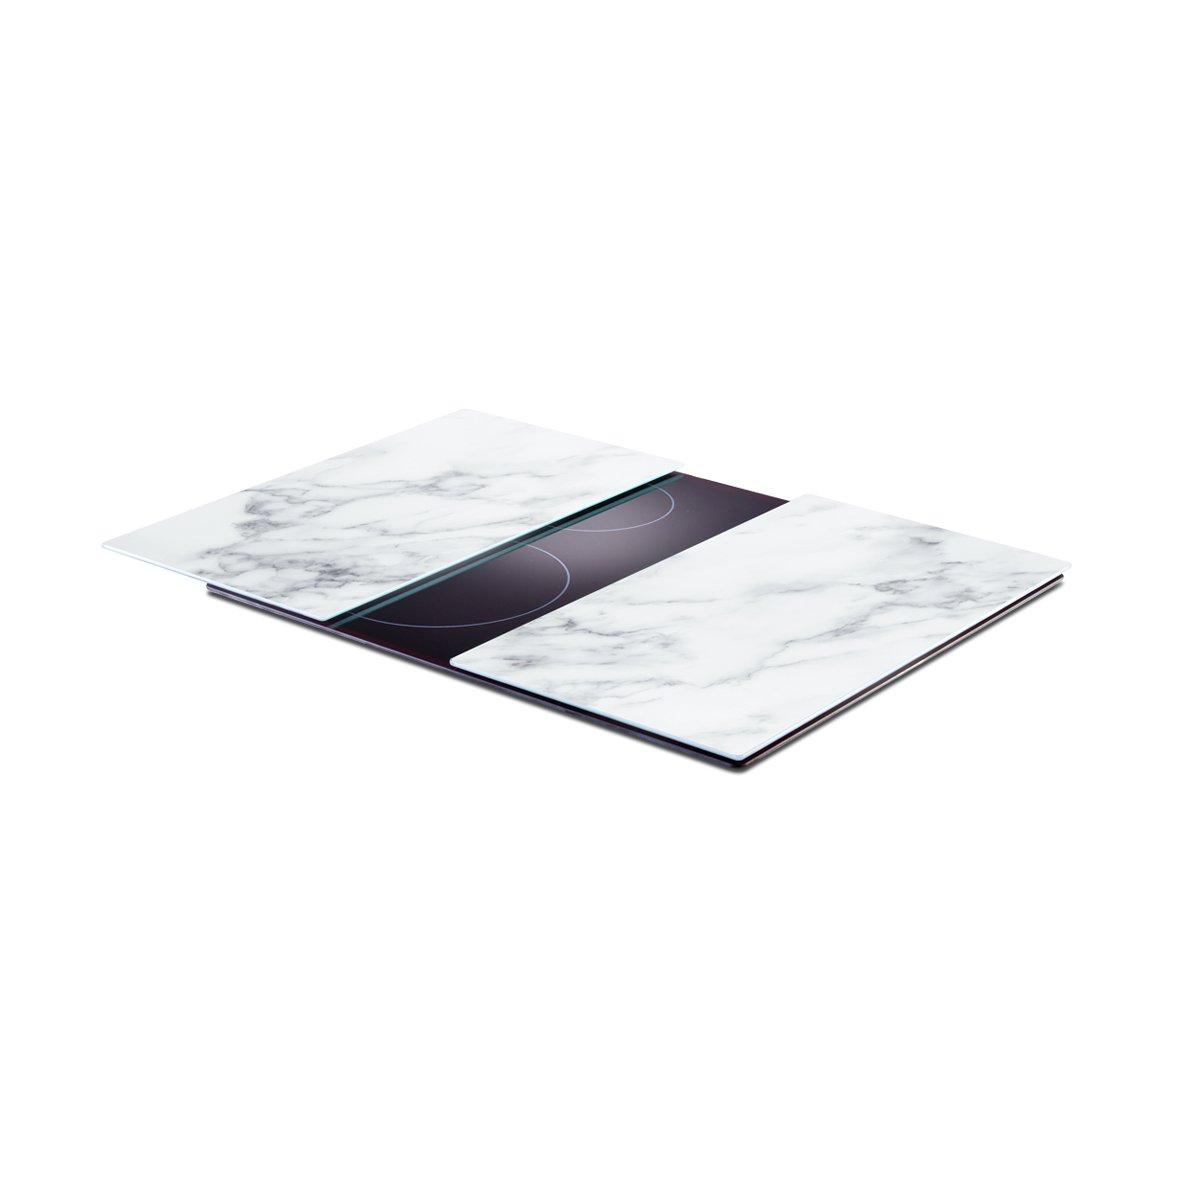 Compra Zeller 26312 - Tabla para cortar de cristal, mármol ...